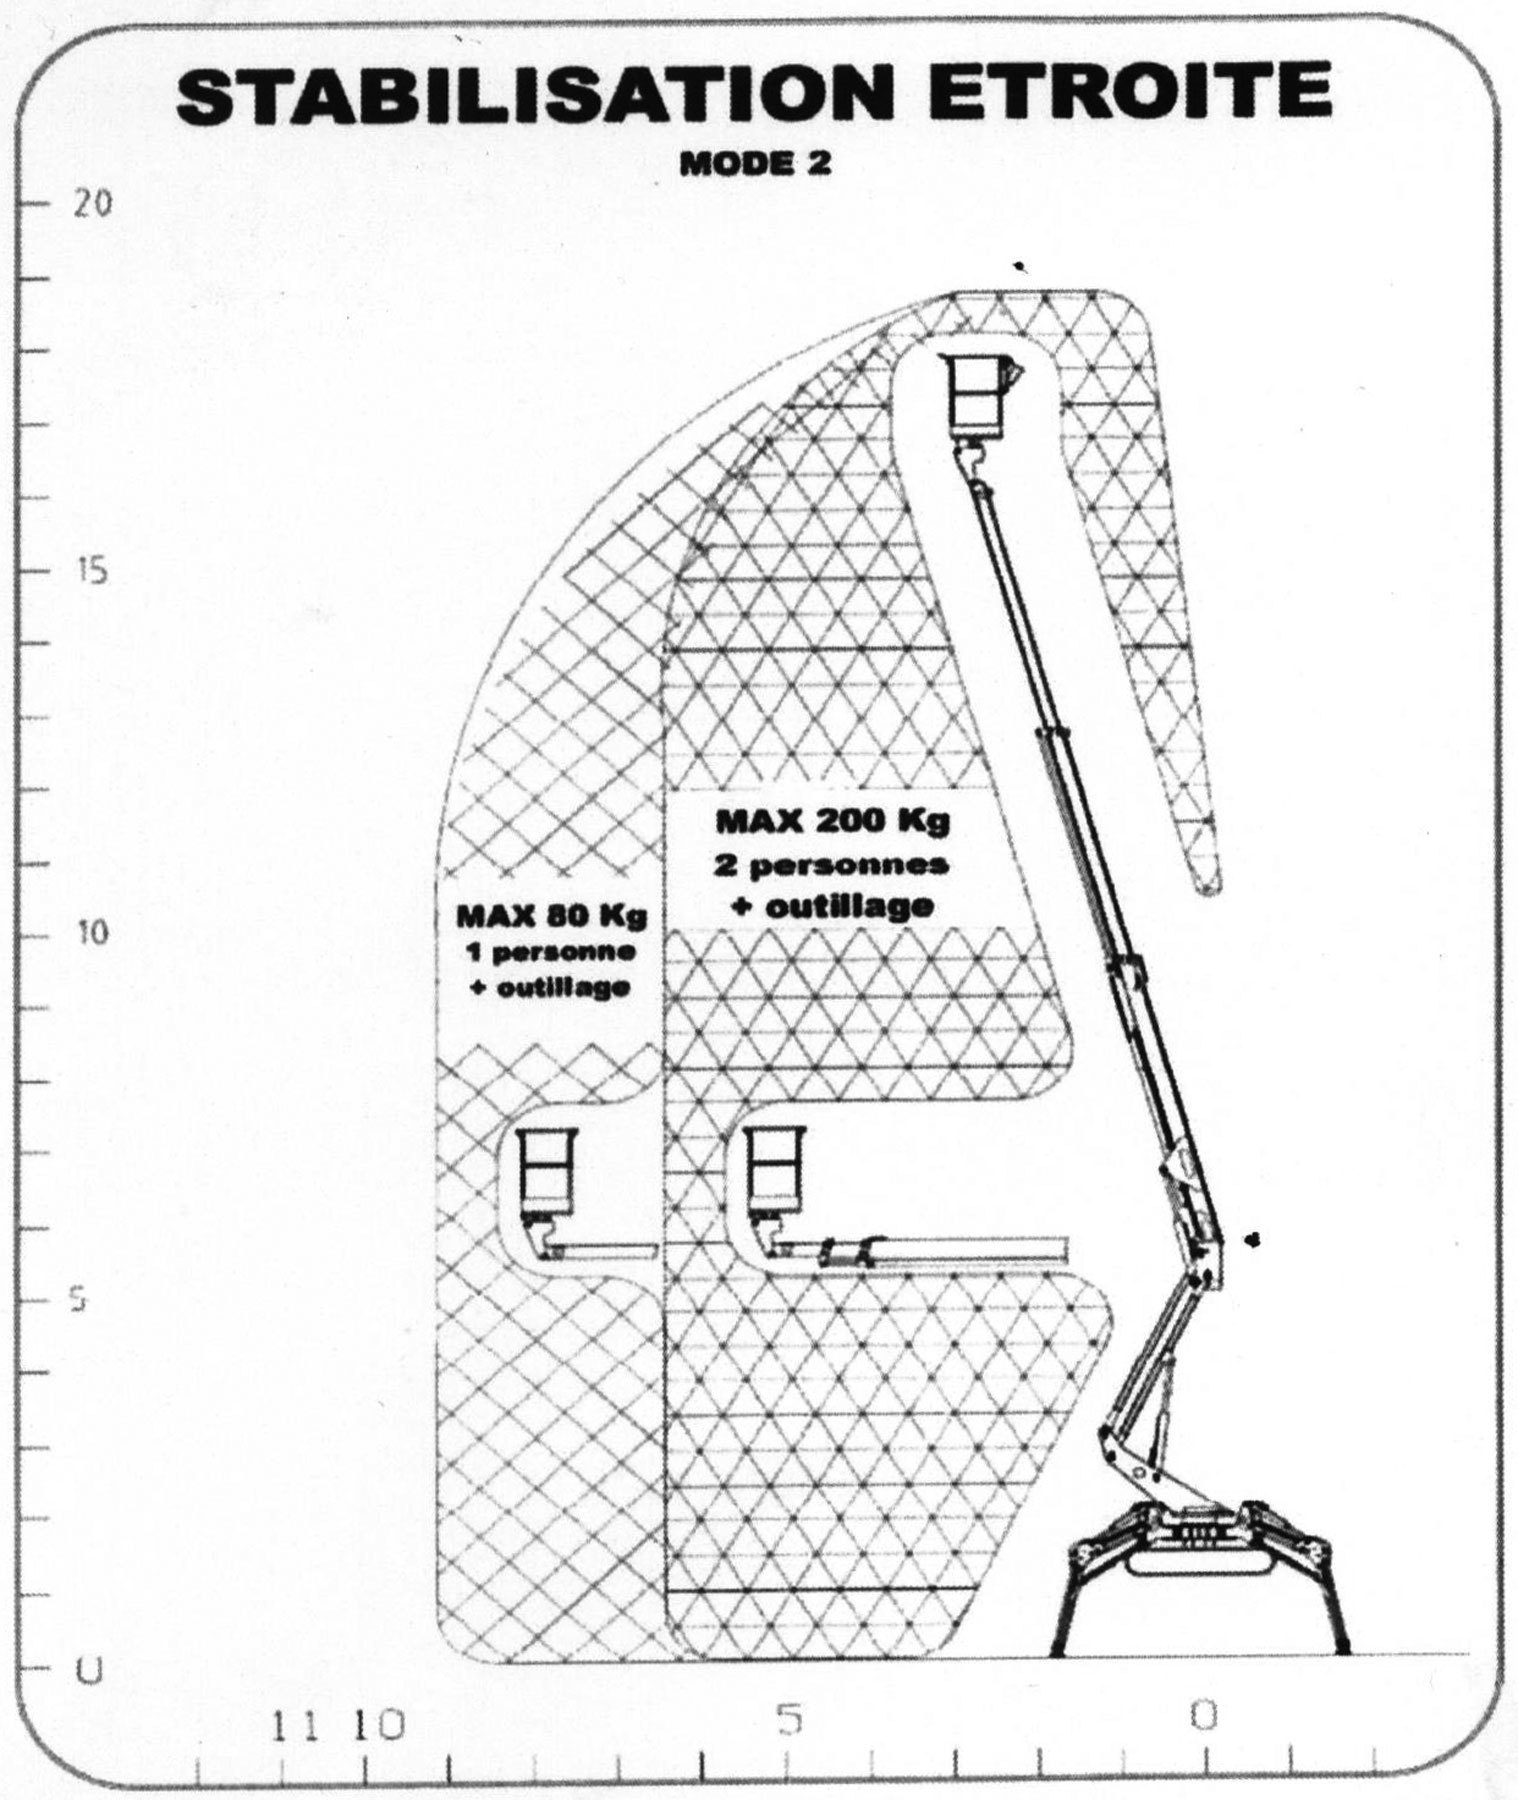 araignee-graphic-1